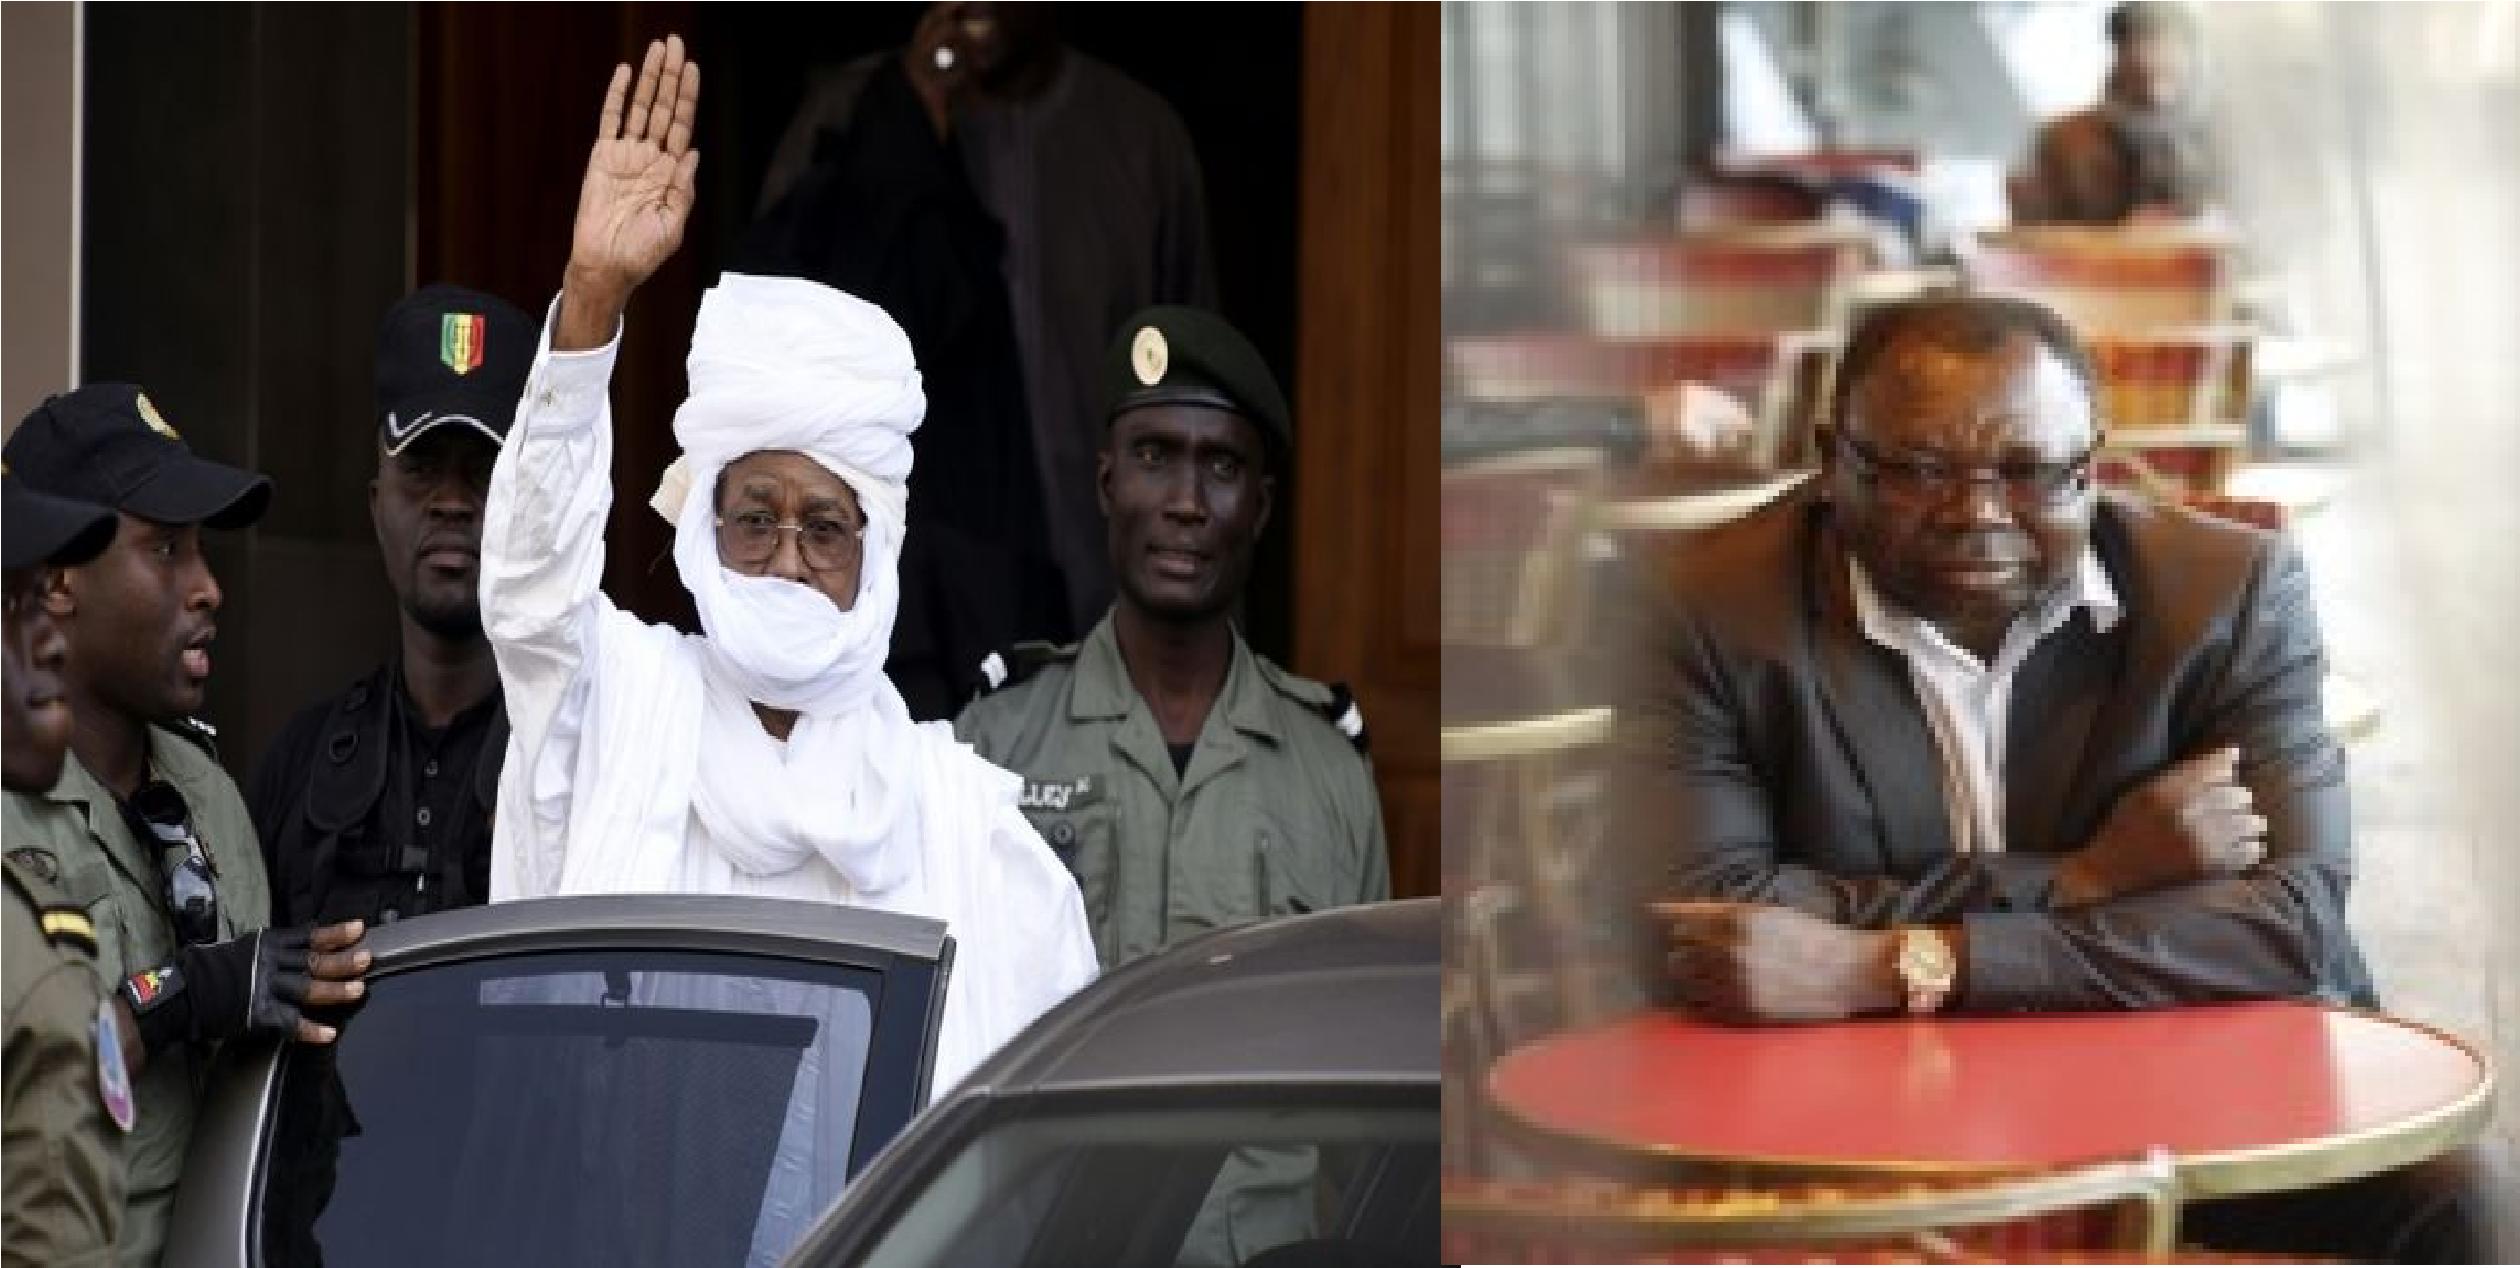 Procès Habré : Le témoin Bandjim Bandoum se défend, mais ne convainc pas la défense et la partie civile